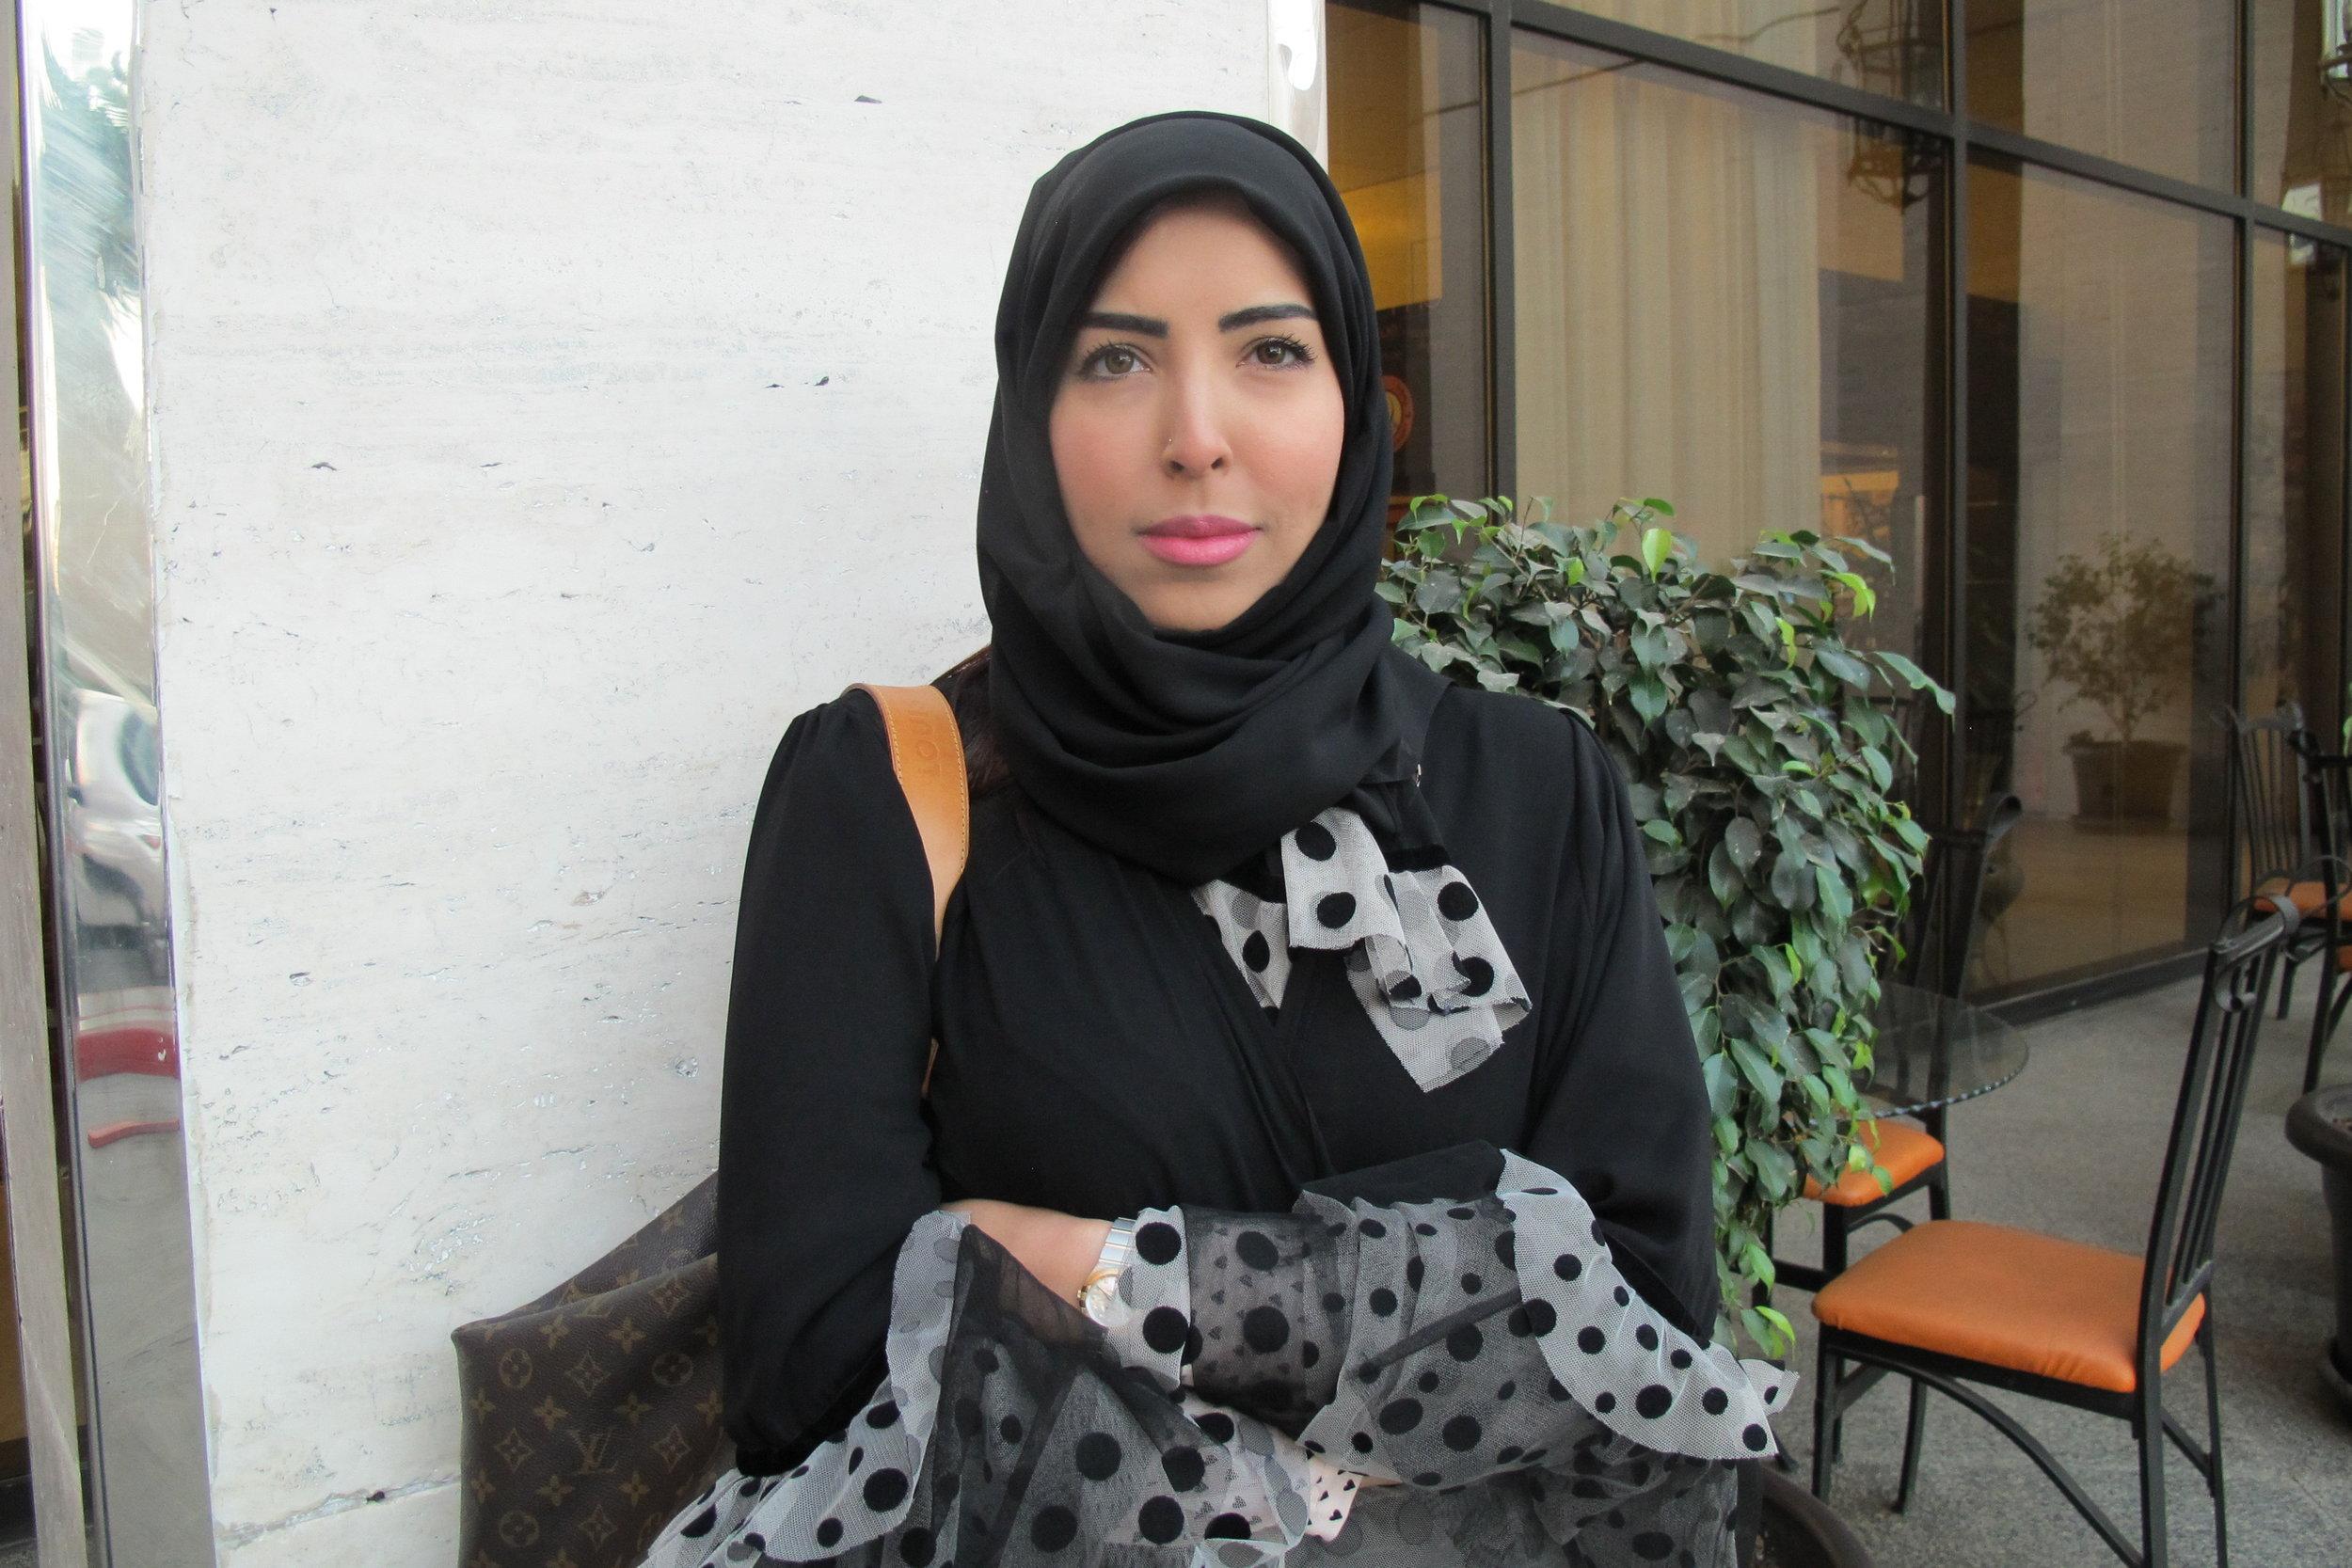 Tamador Alyami i Jidda är en av dem som gått ut i eget namn när hon postat YouTube-filmer av sig själv bakom ratten. Foto: Bitte Hammargren